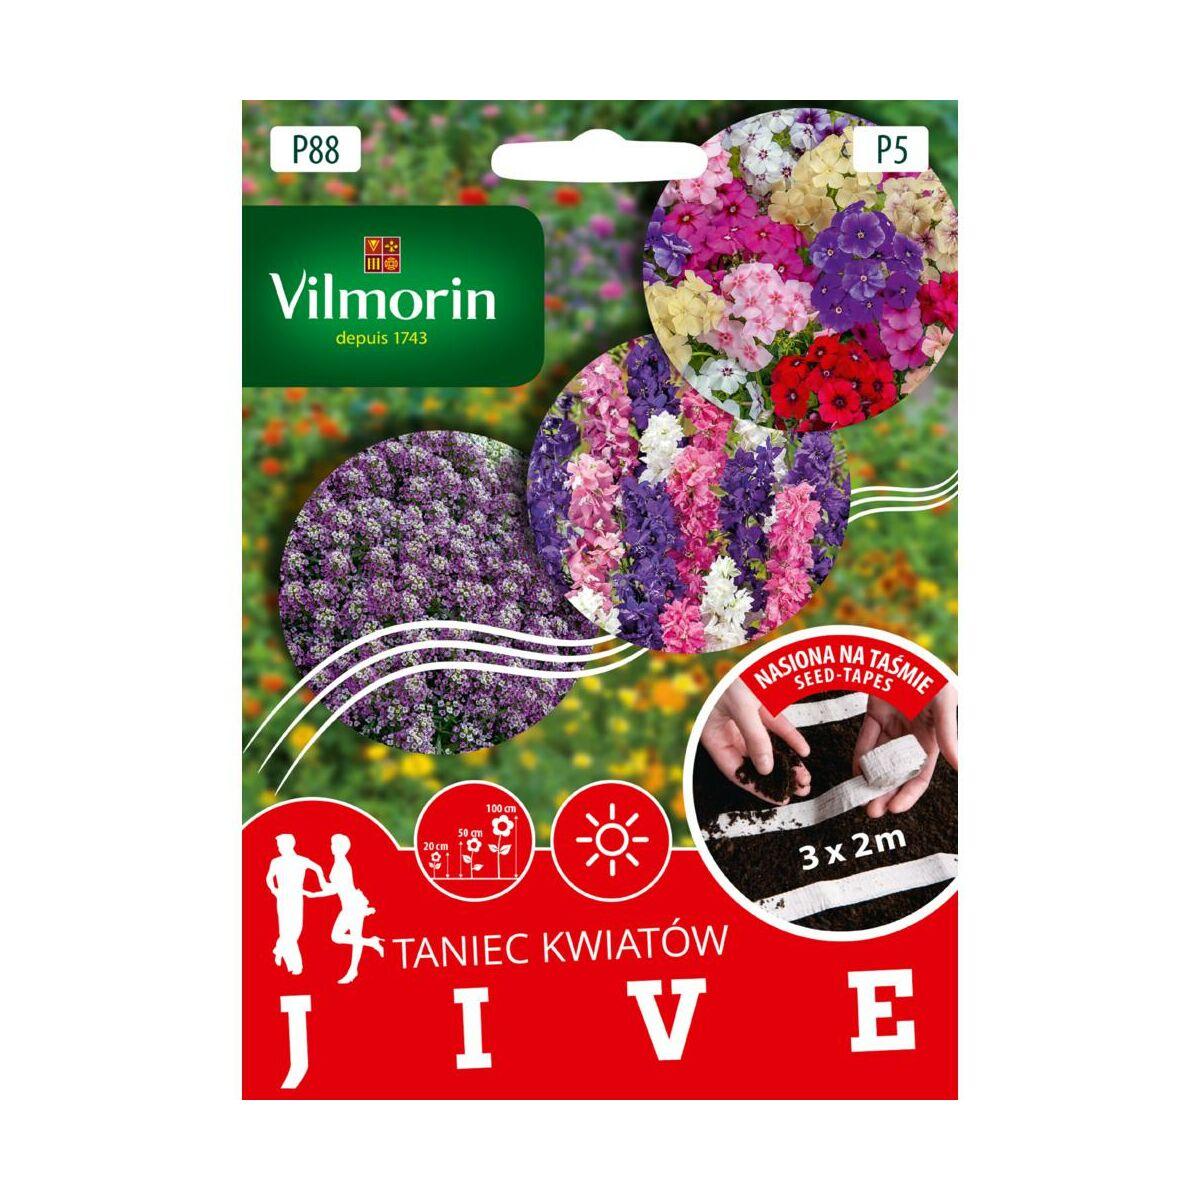 Mieszanka kwiatów JIVE nasiona na taśmie 3 x 2 m VILMORIN